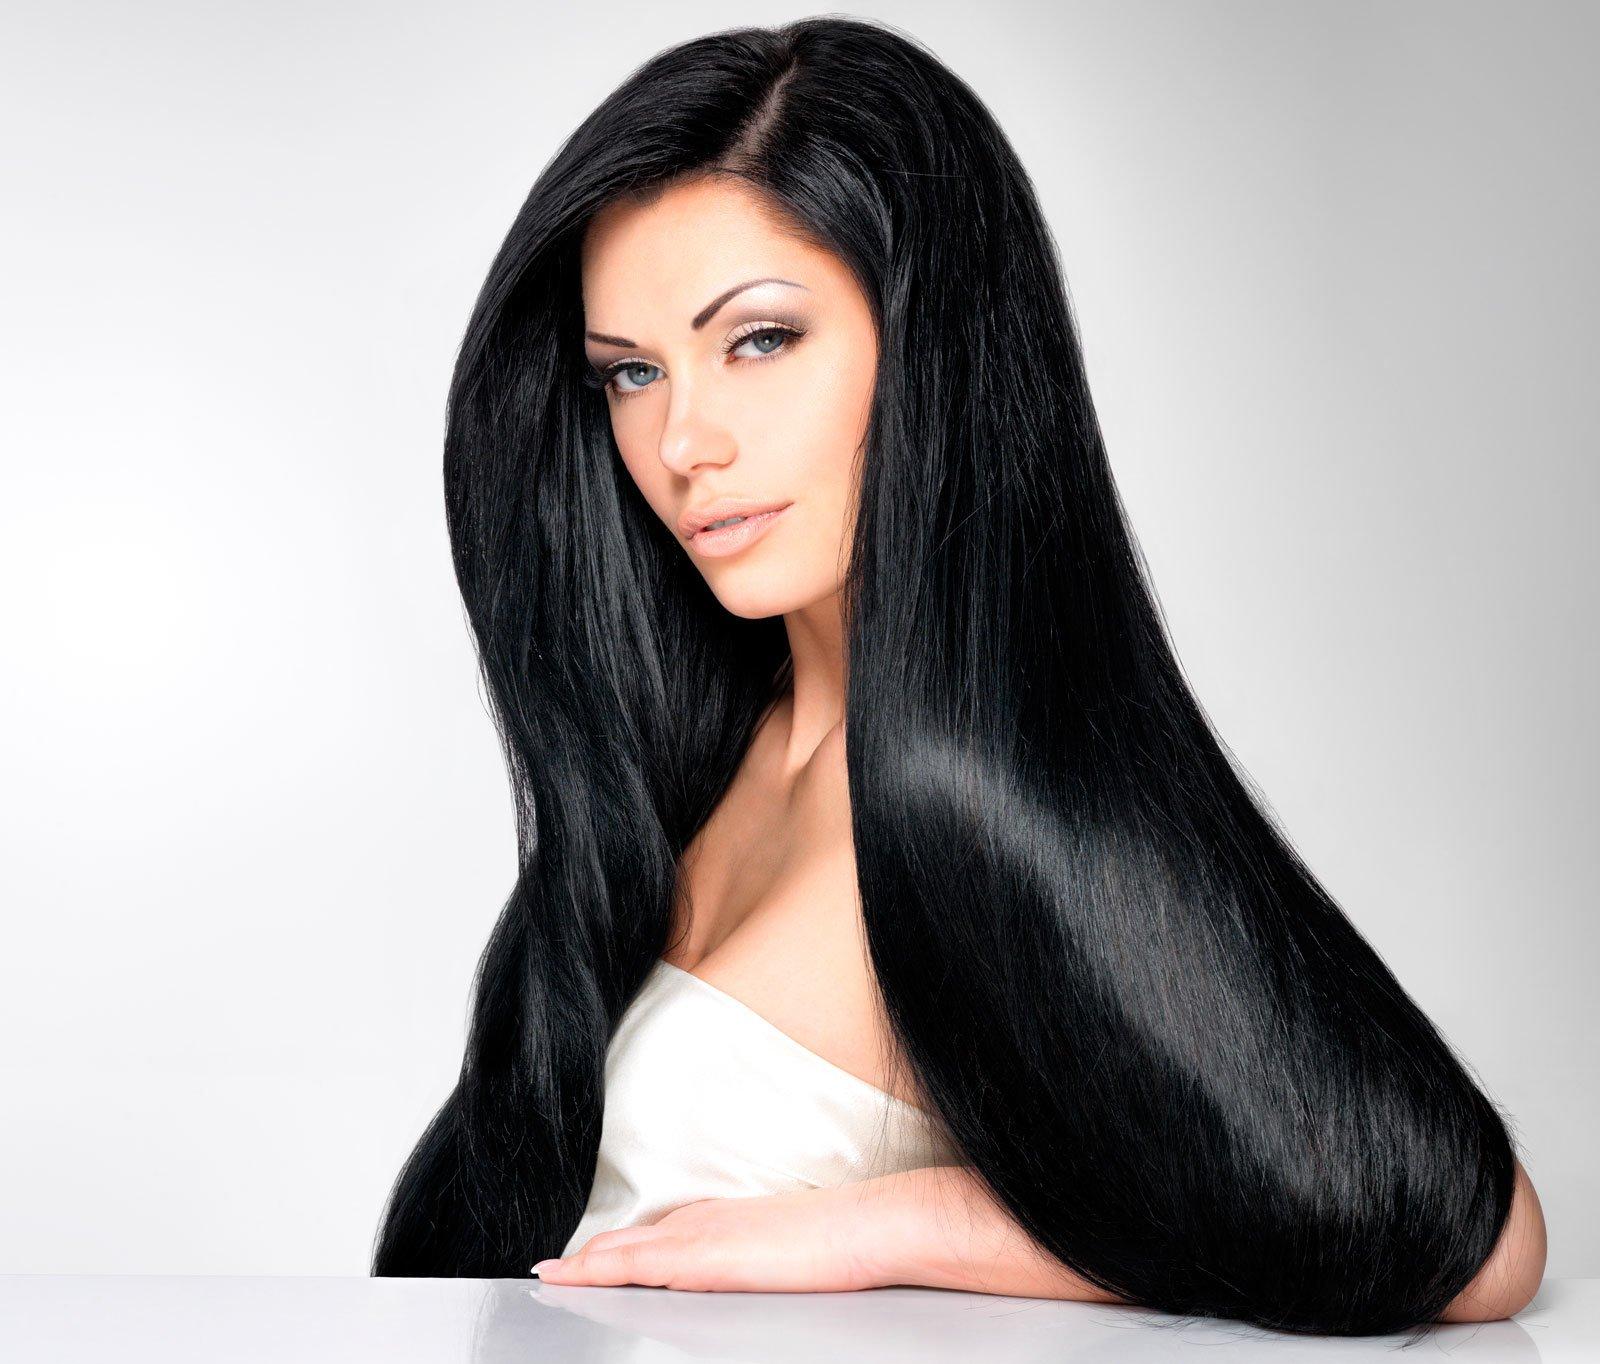 неё гладкие длинные волосы картинки проходит фотостудии или